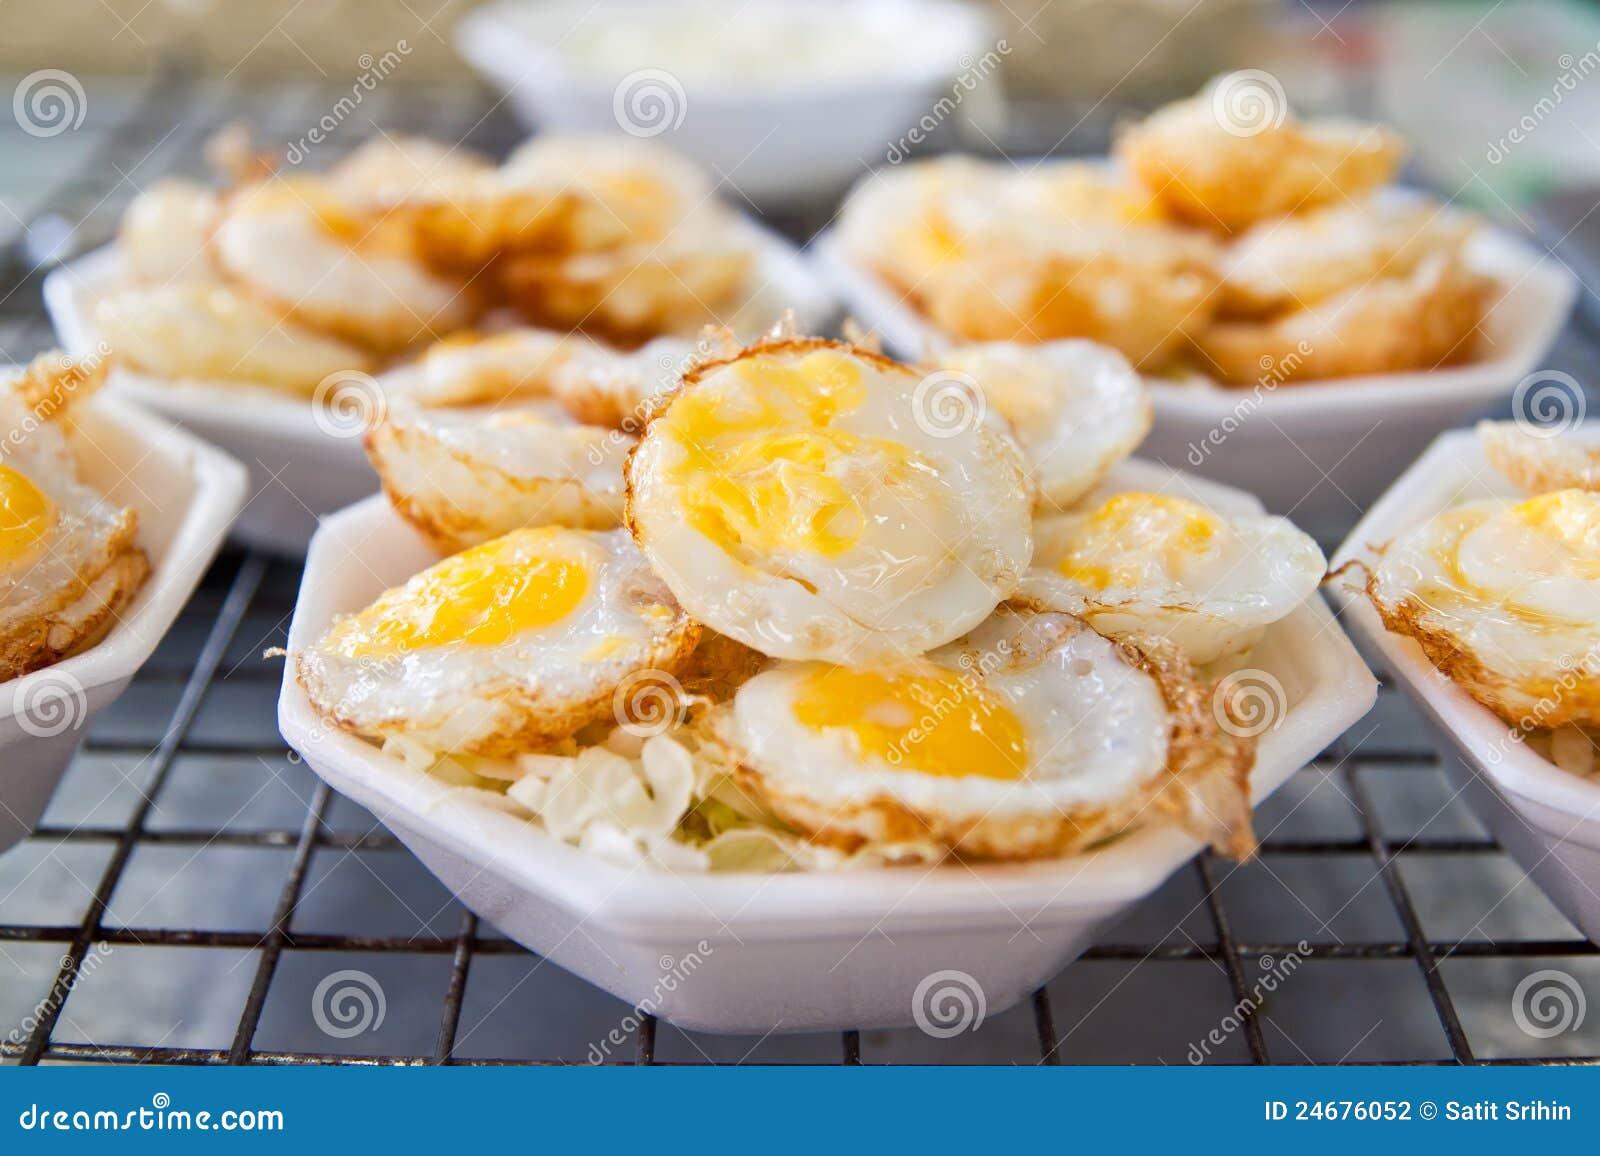 genre de dessert tha 239 de type avec des oeufs de caille photographie stock image 24676052